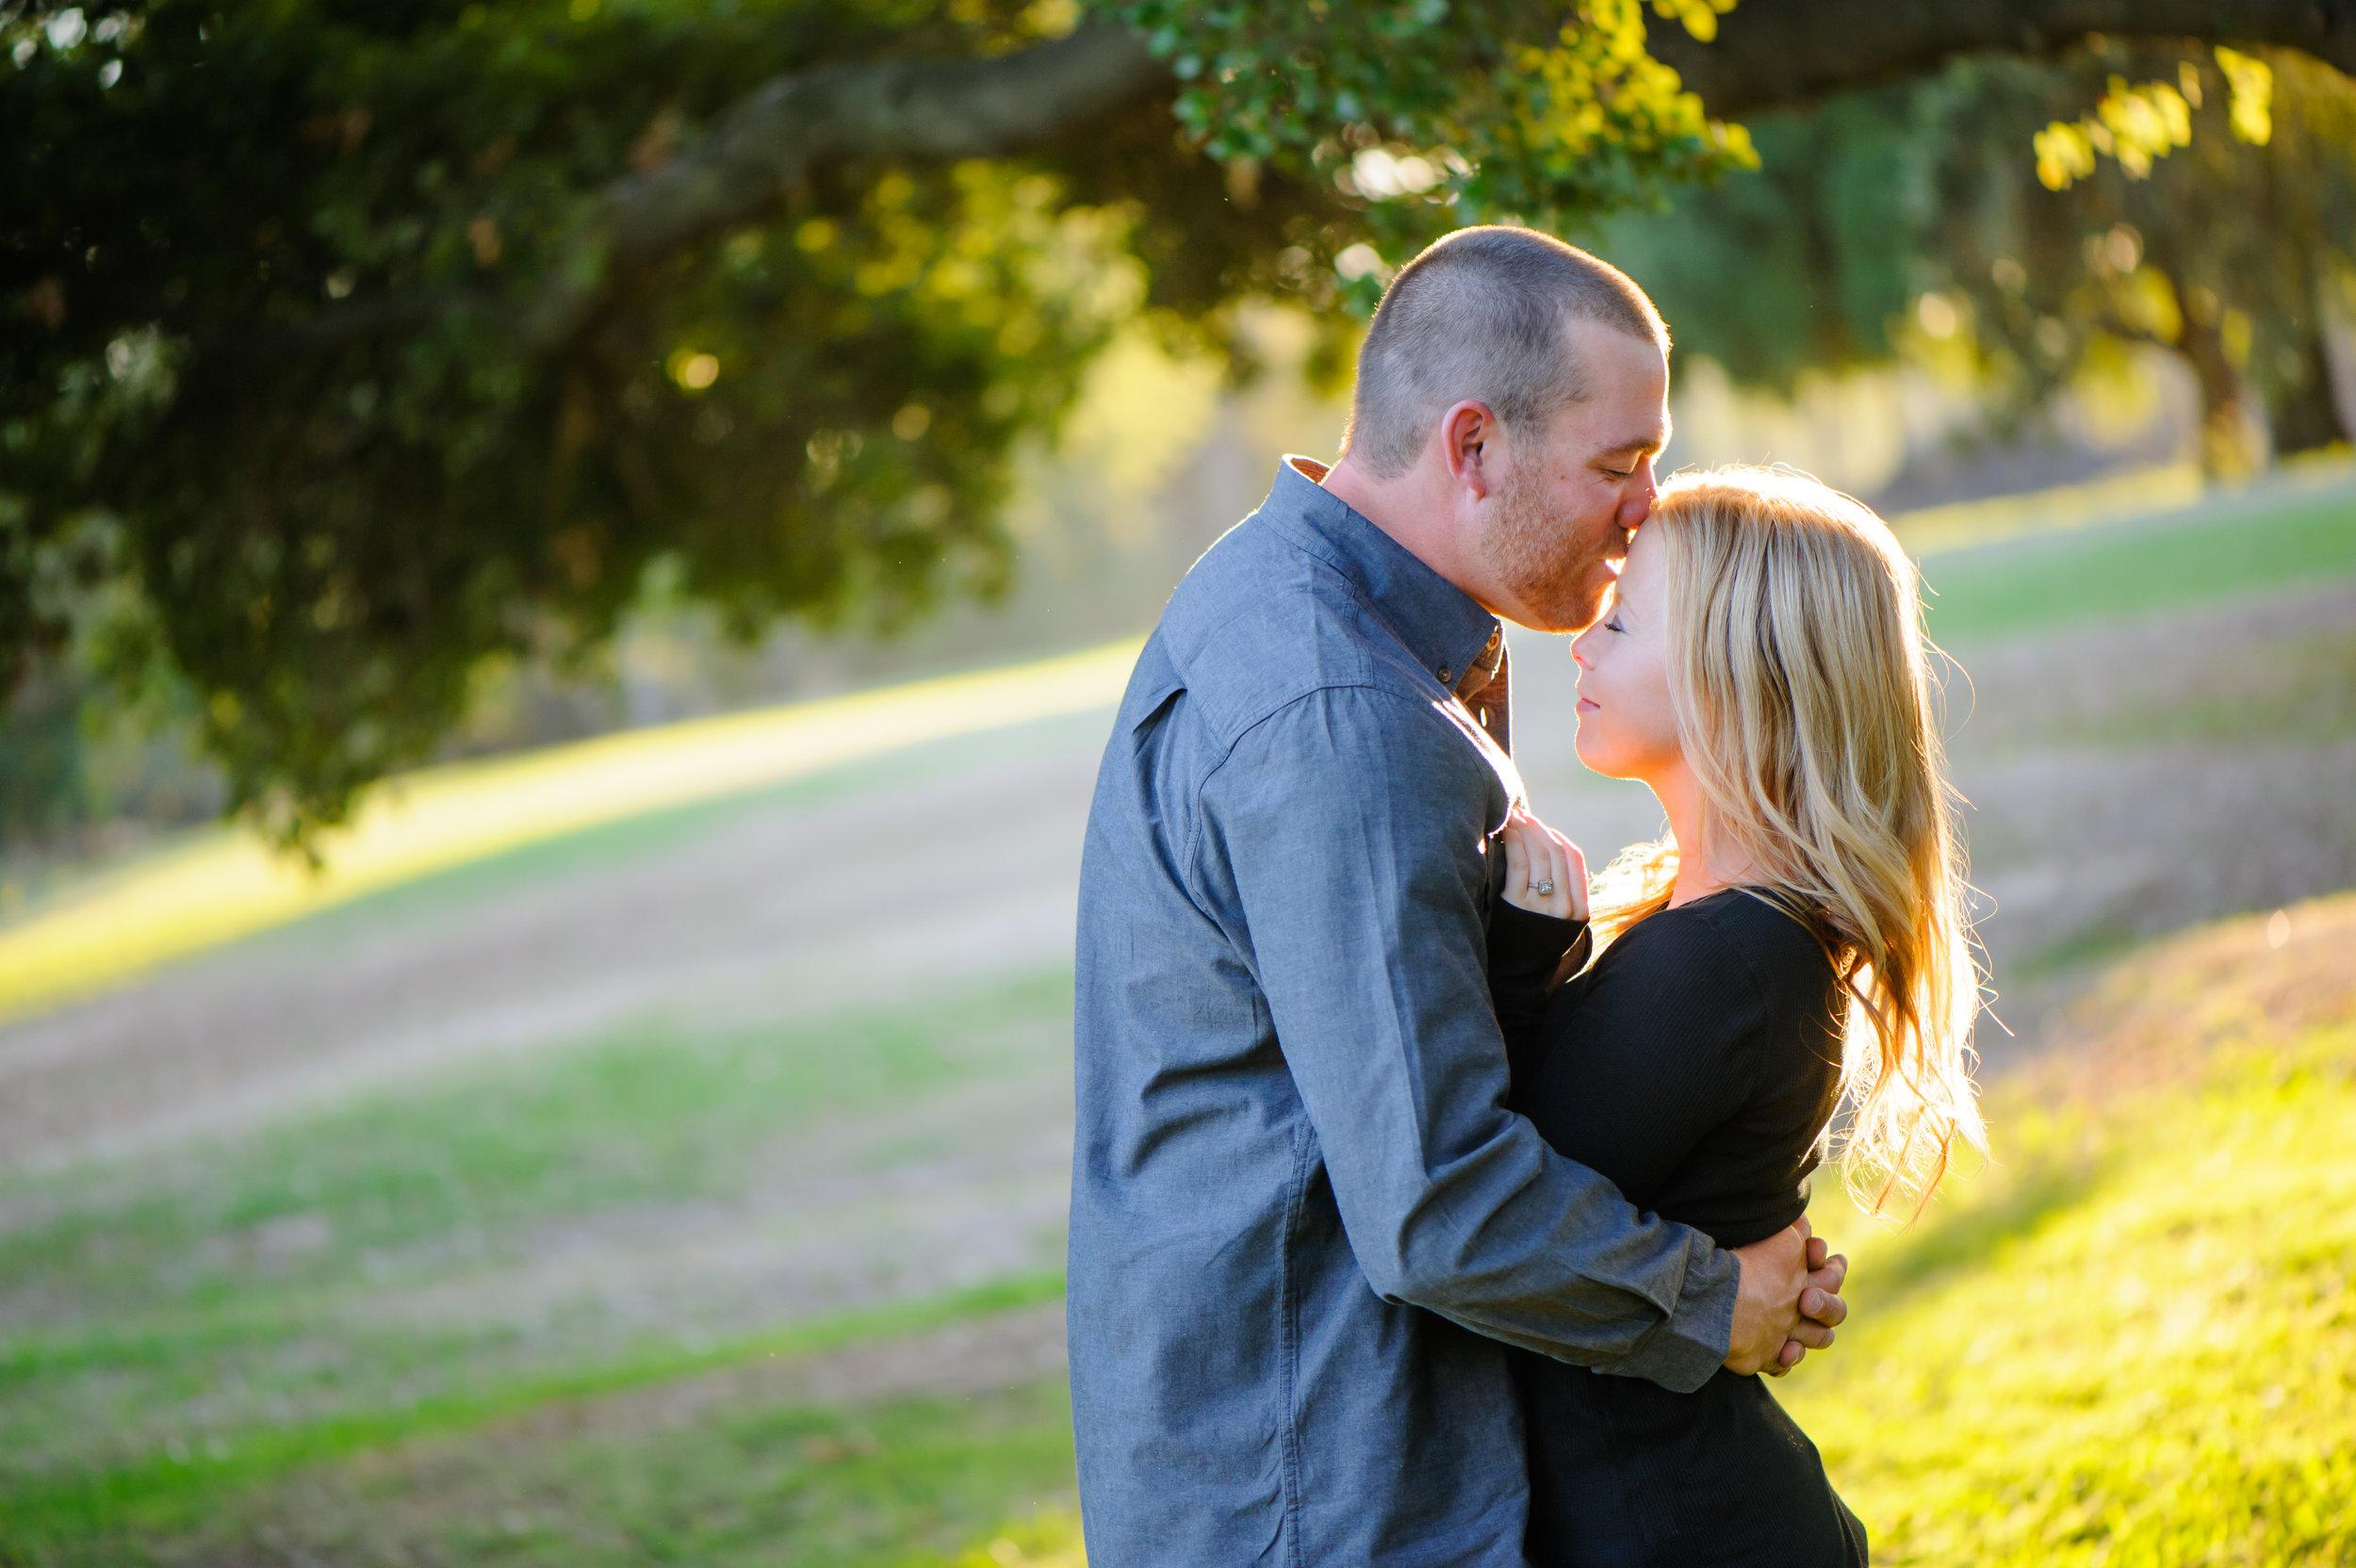 jenelle-brian-007-sacramento-engagement-wedding-photographer-katherine-nicole-photography.JPG